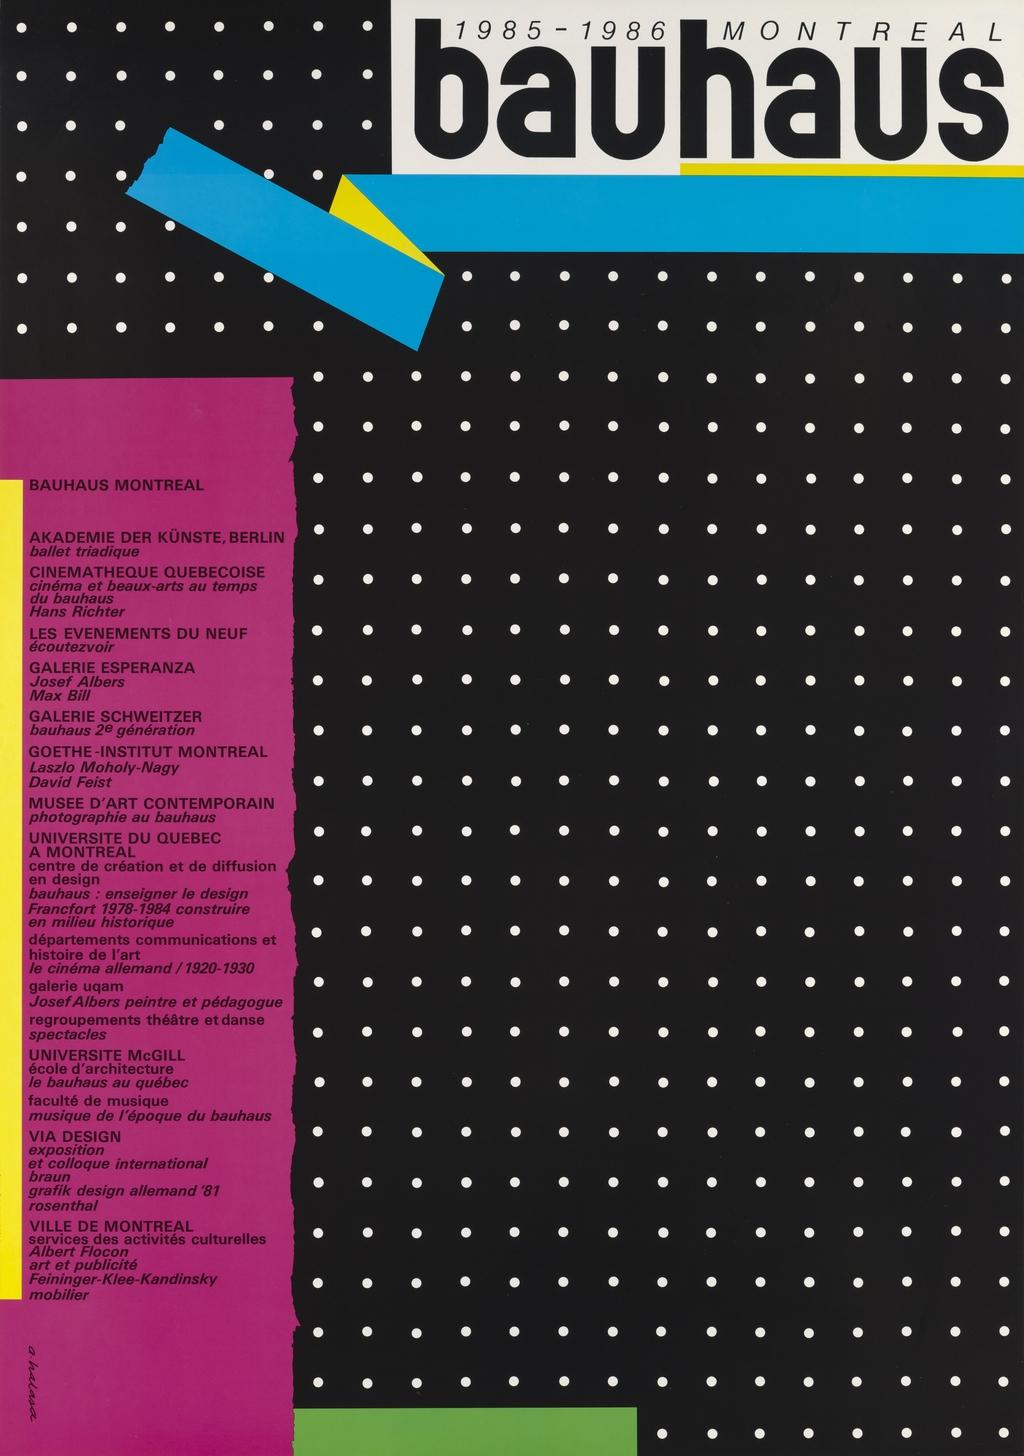 Bauhaus 1985-1986, Montréal